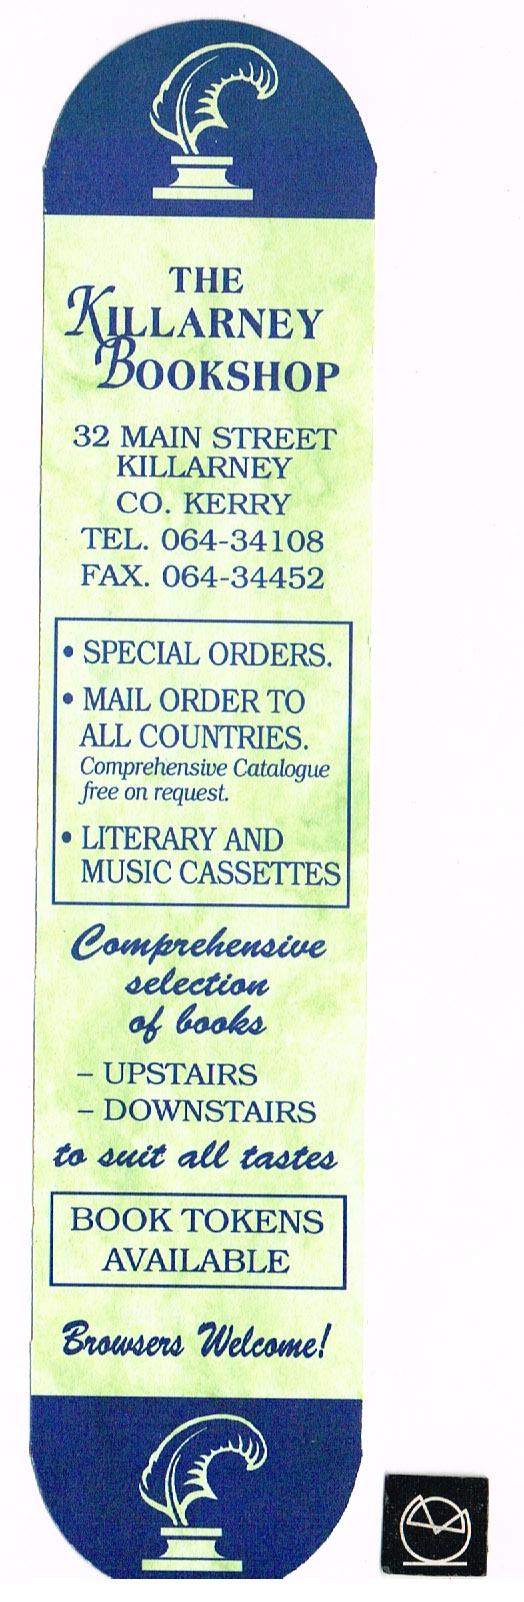 Killarney Bookshop, Kerry - bogmærke